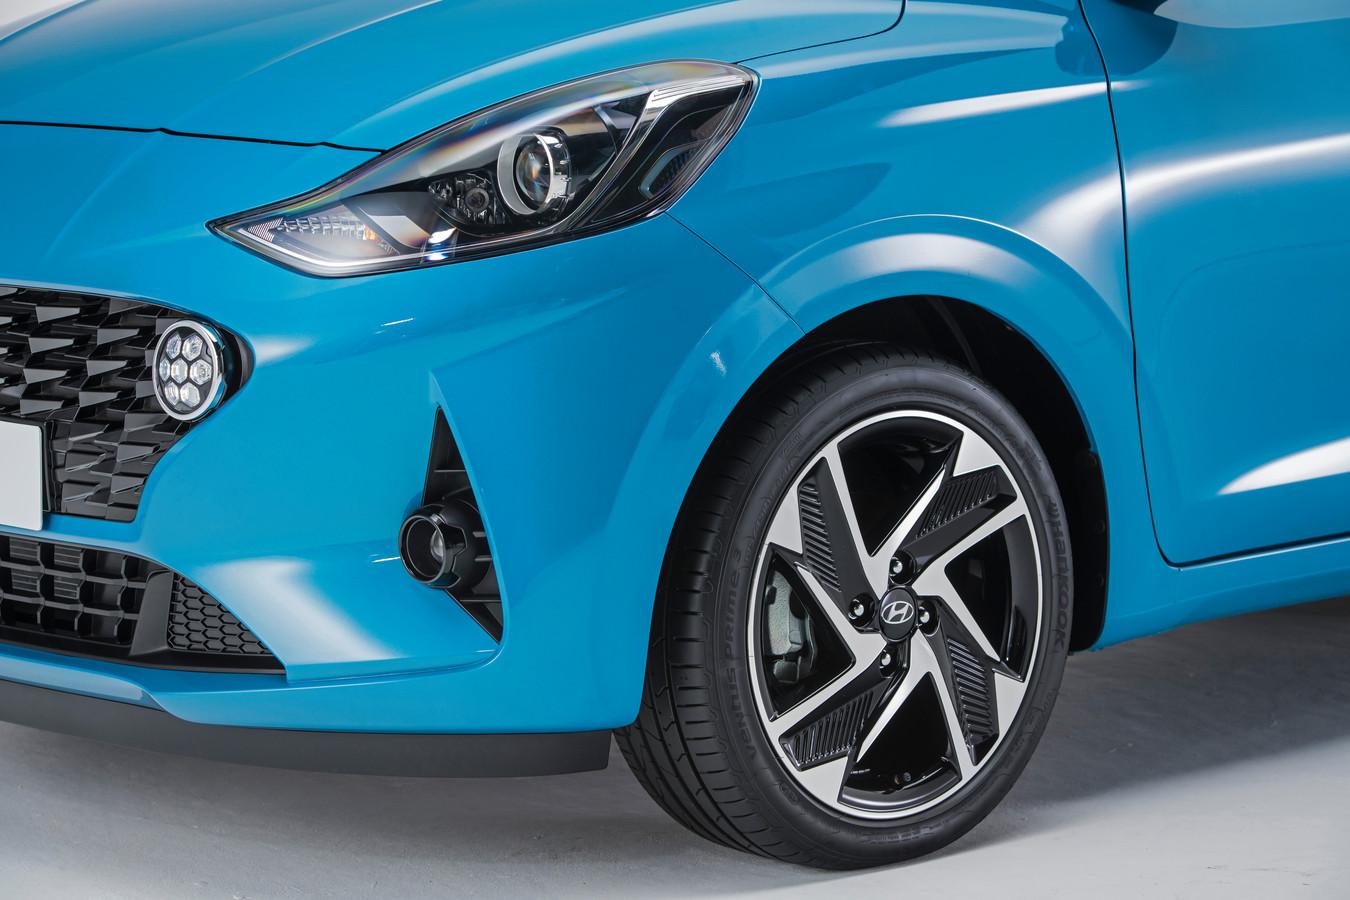 Ook nieuw: grotere wielen en ronde led-dagrijlampen